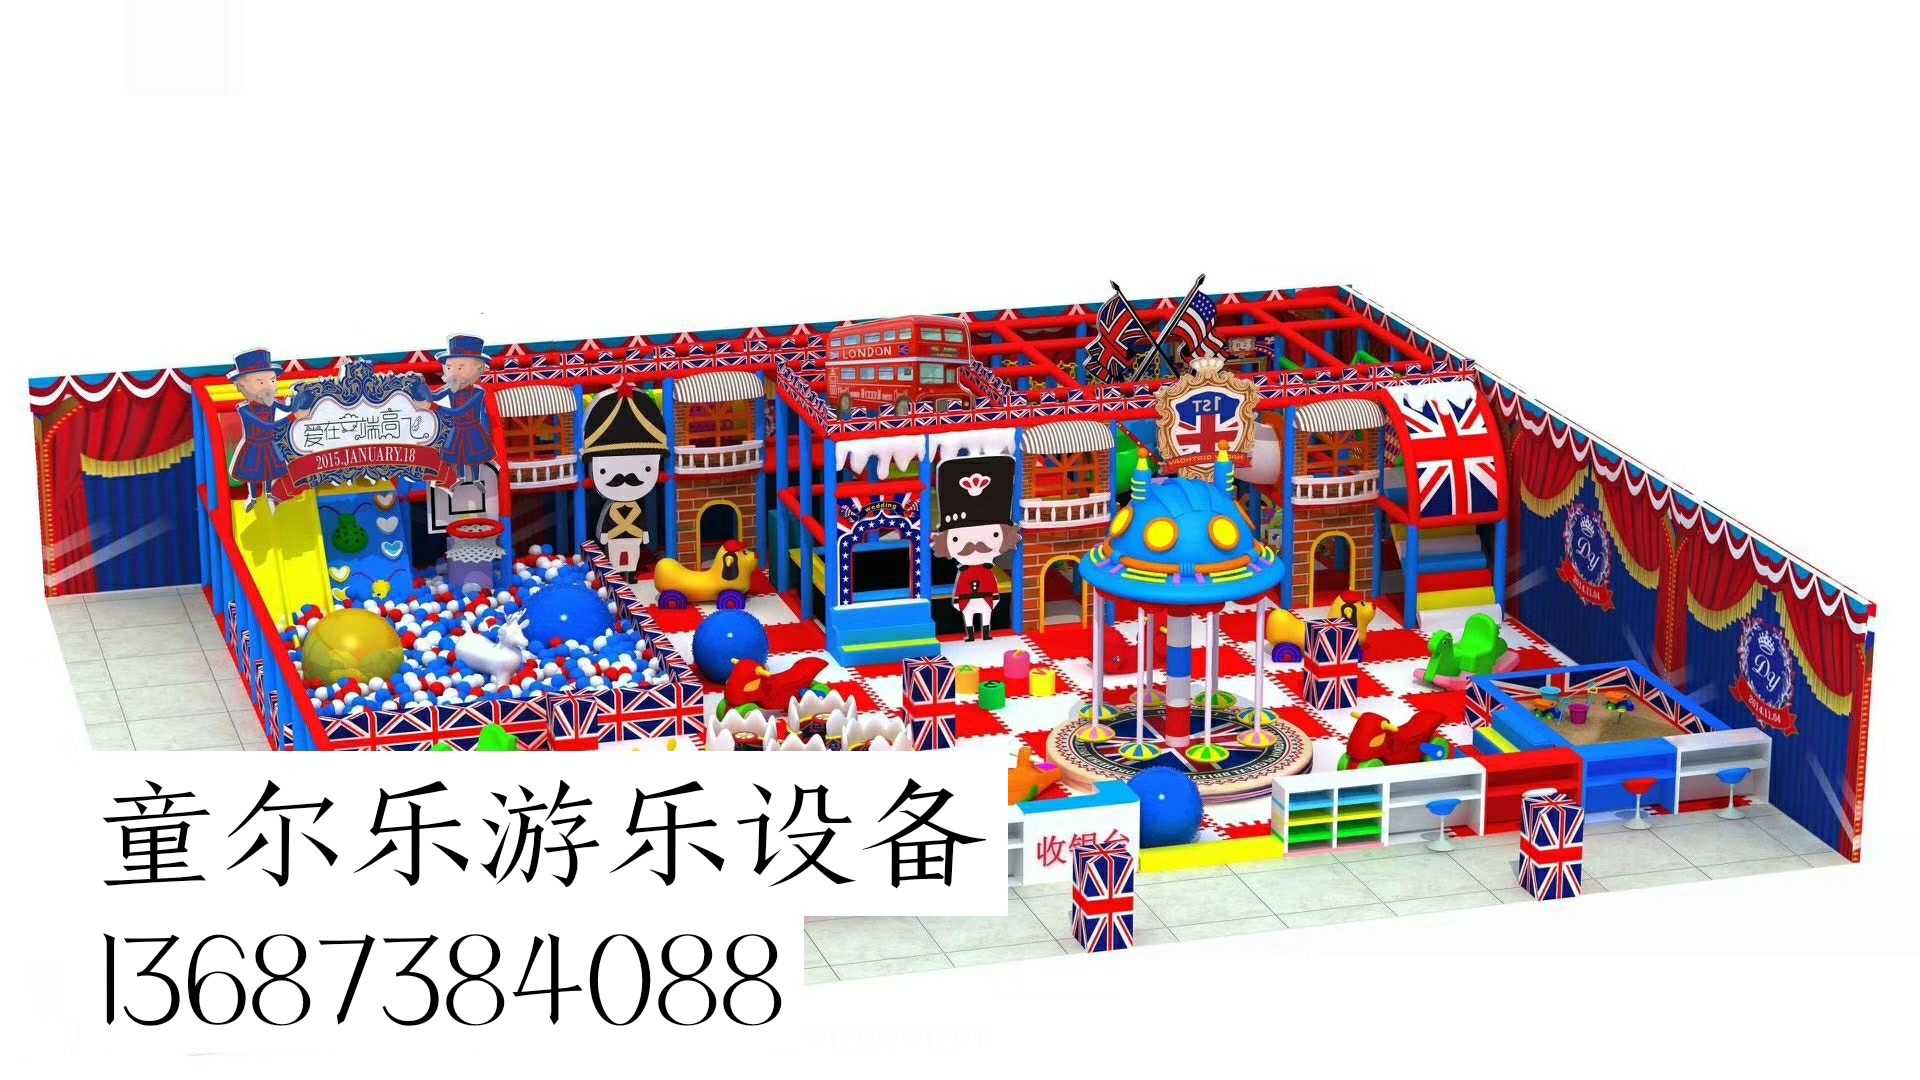 湖南兒童樂生產廠家/湖南兒童樂園設備廠家